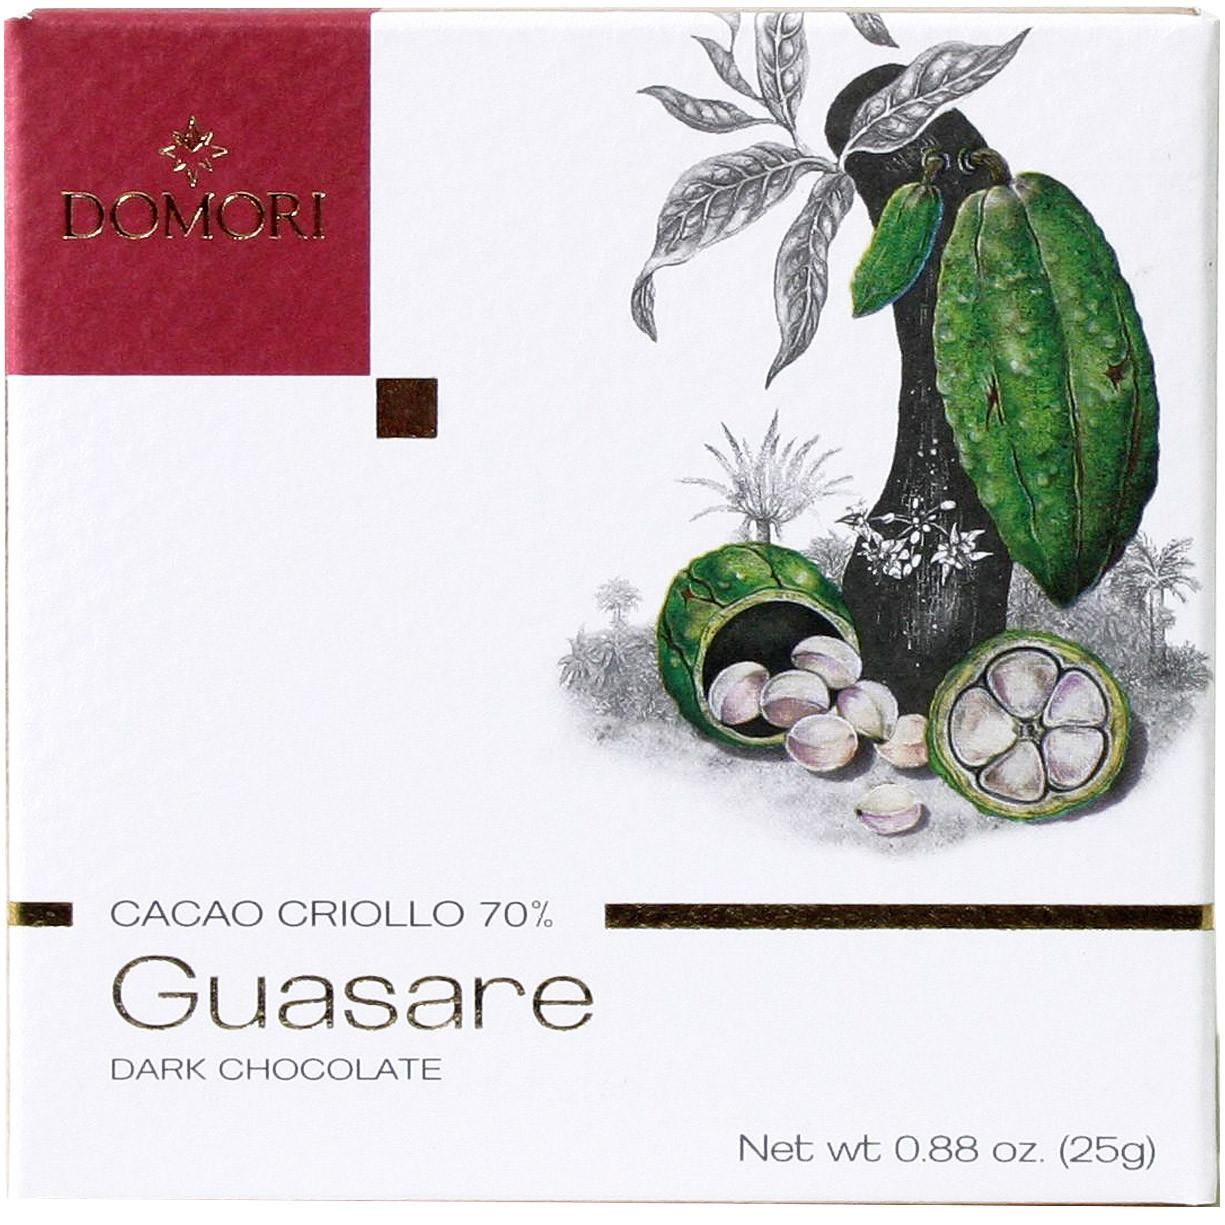 Dunkle Schokolade, Gianluca Franzoni, Mack Domori, Criollo, dark chocolate, chocolat noir, single origin, Herkunftsschokolade